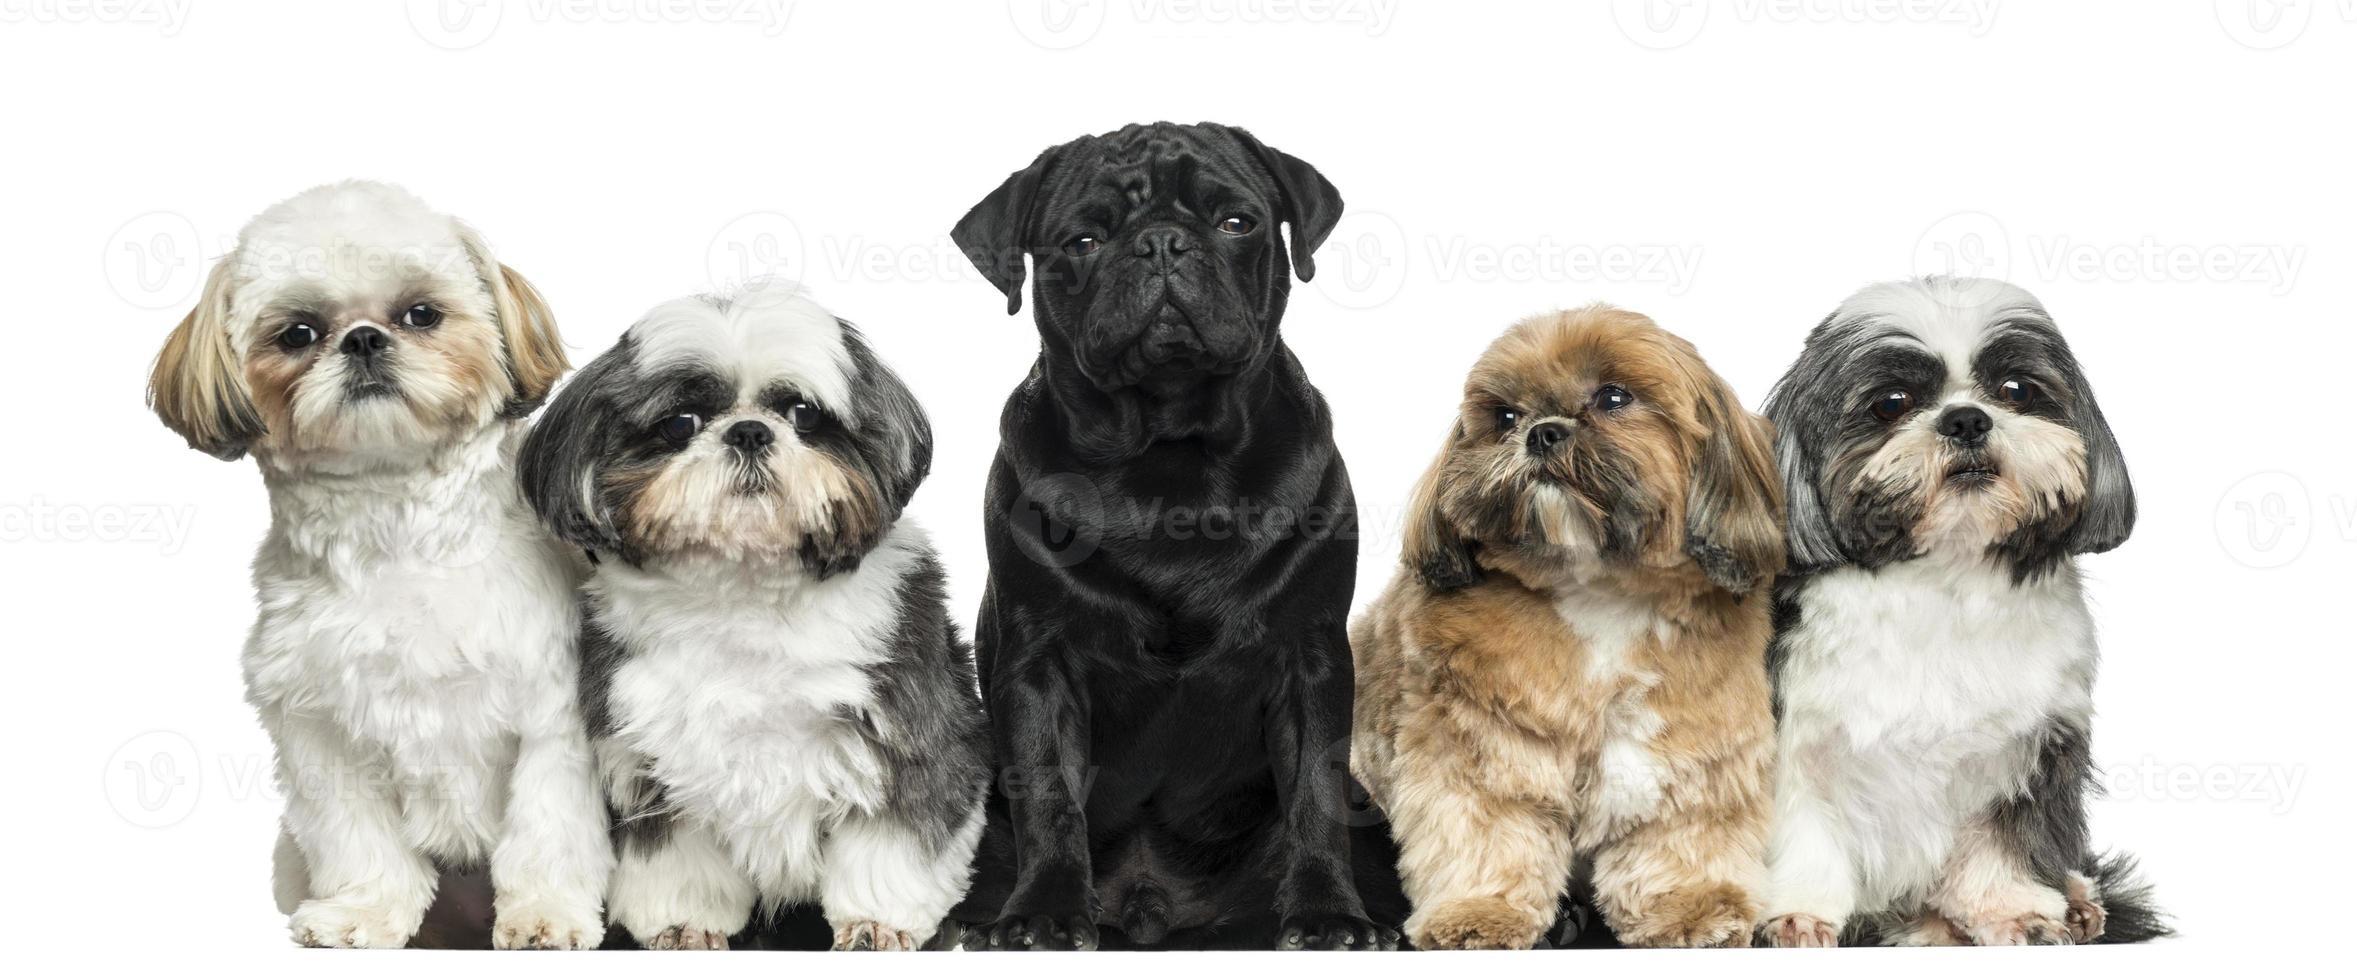 Vorderansicht von Hunden in einer Reihe, sitzend, isoliert foto